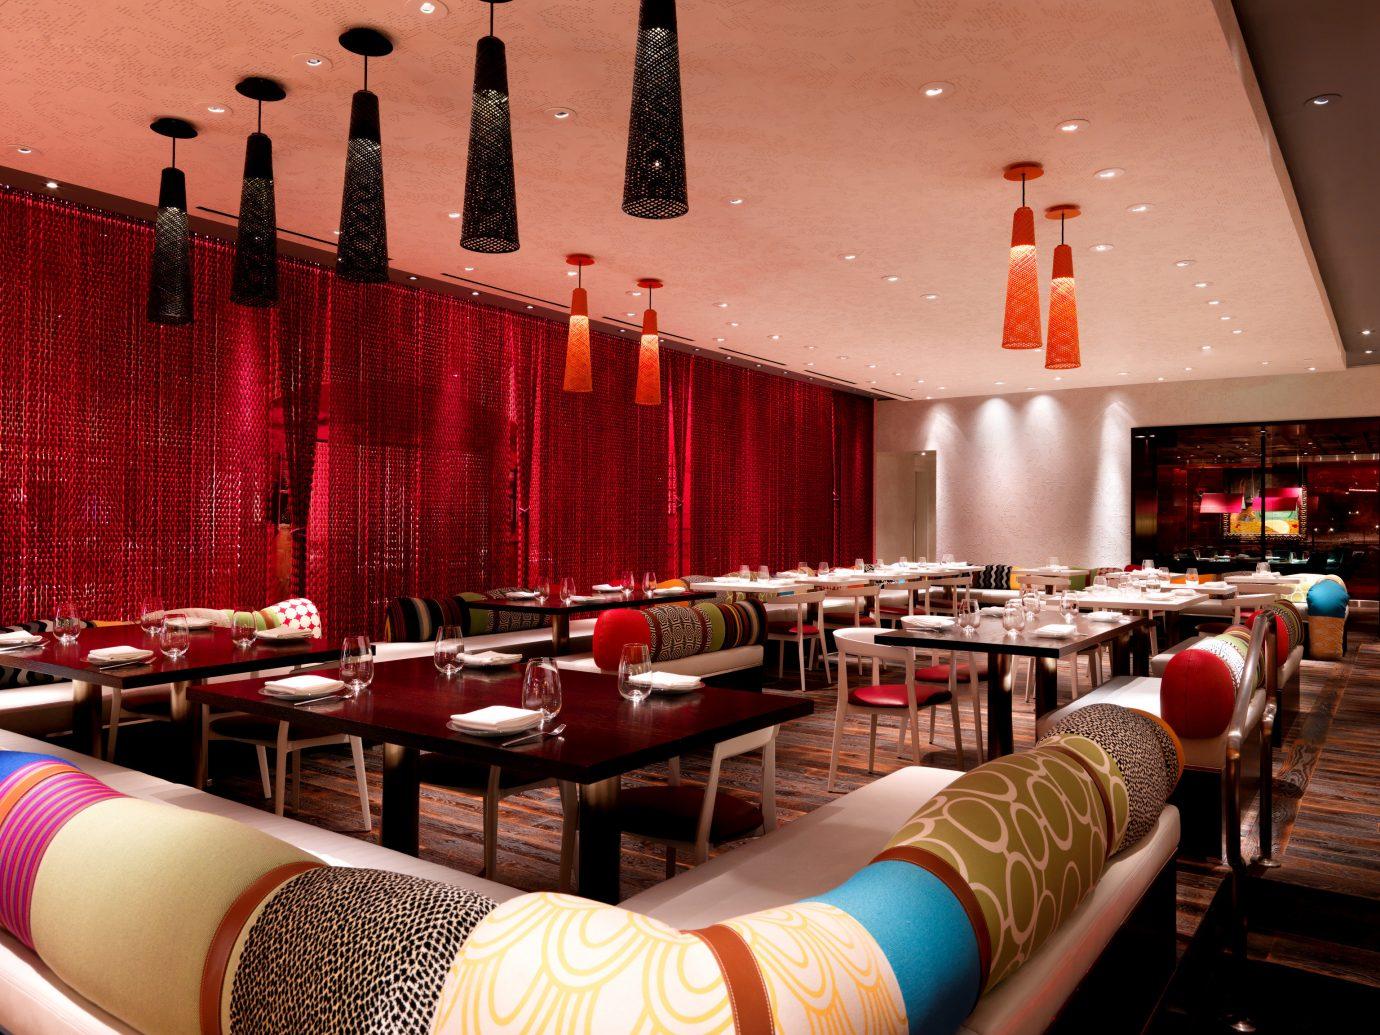 Food + Drink indoor restaurant room Bar interior design meal function hall furniture several